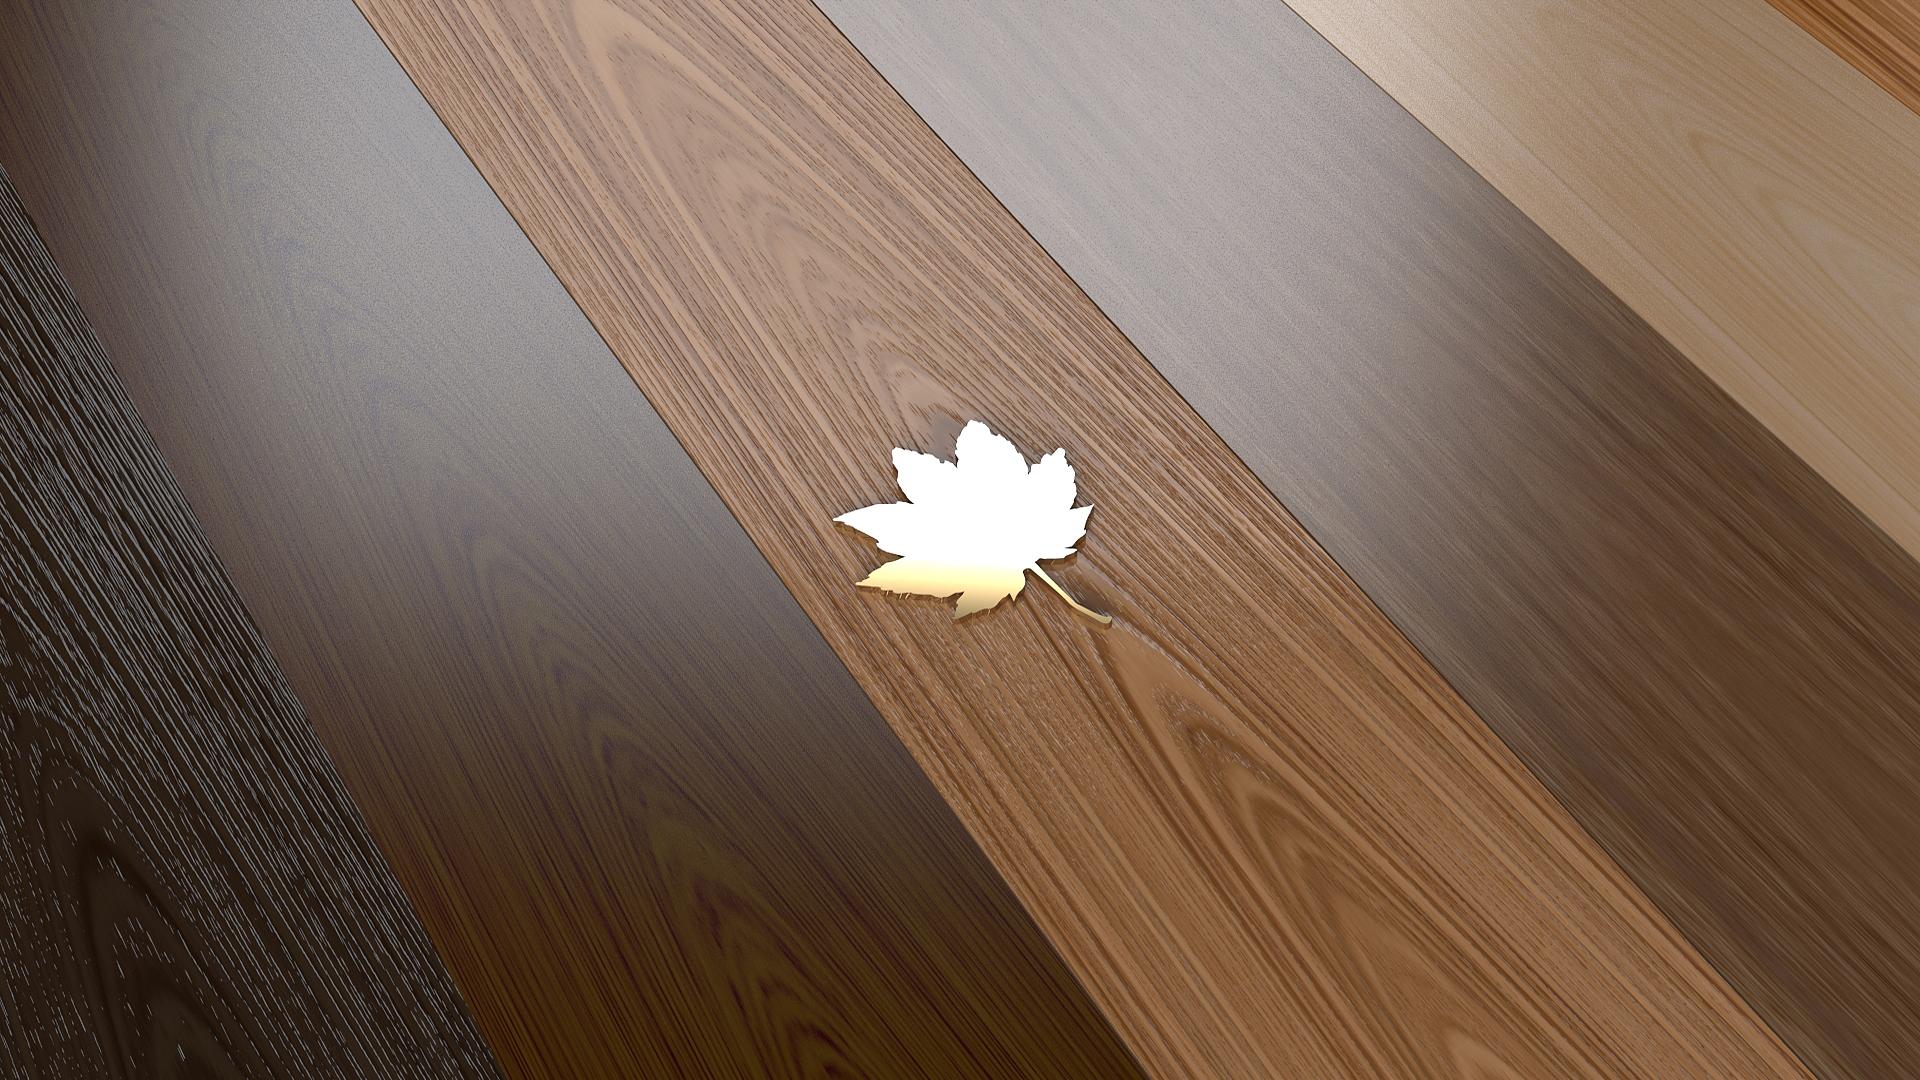 壁紙 19x1080 木の葉 フローリング カエデ ダウンロード 写真